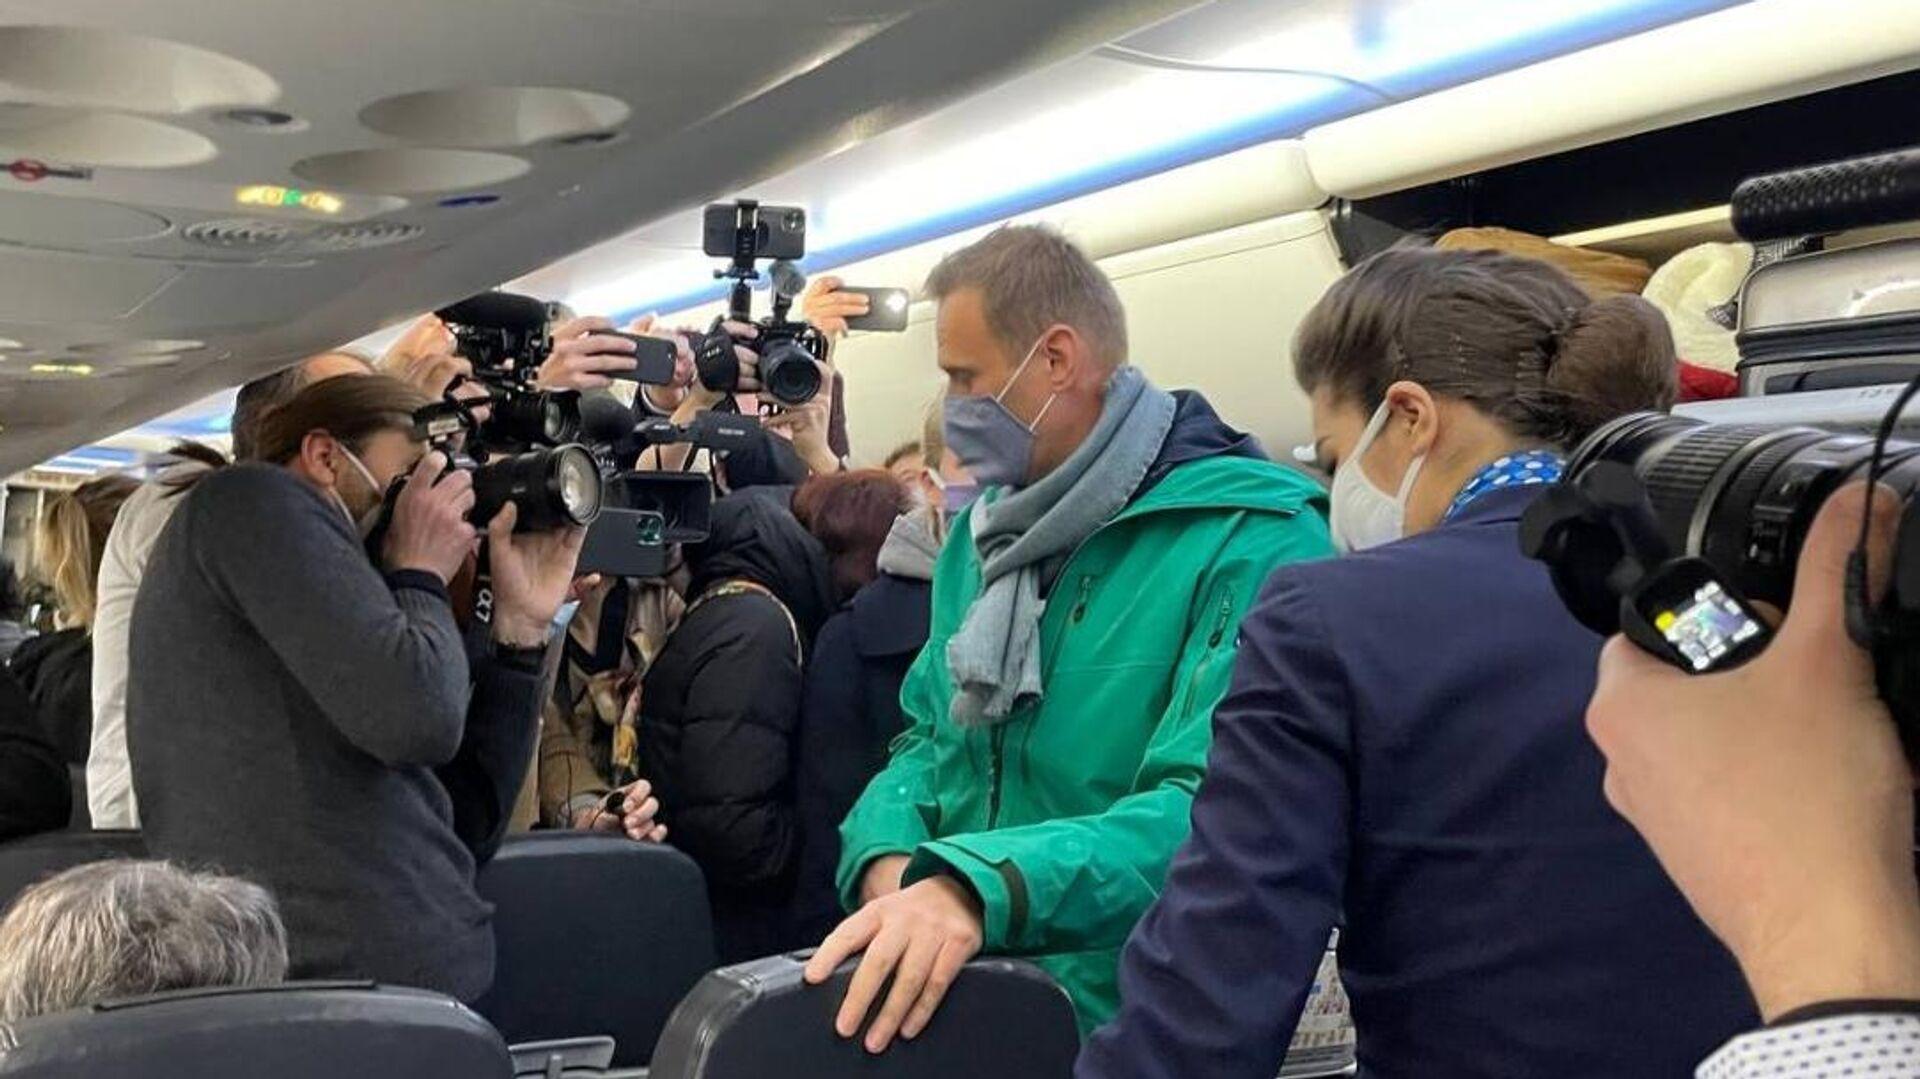 Алексей Навальный в салоне самолета авиакомпании Победа - РИА Новости, 1920, 21.01.2021